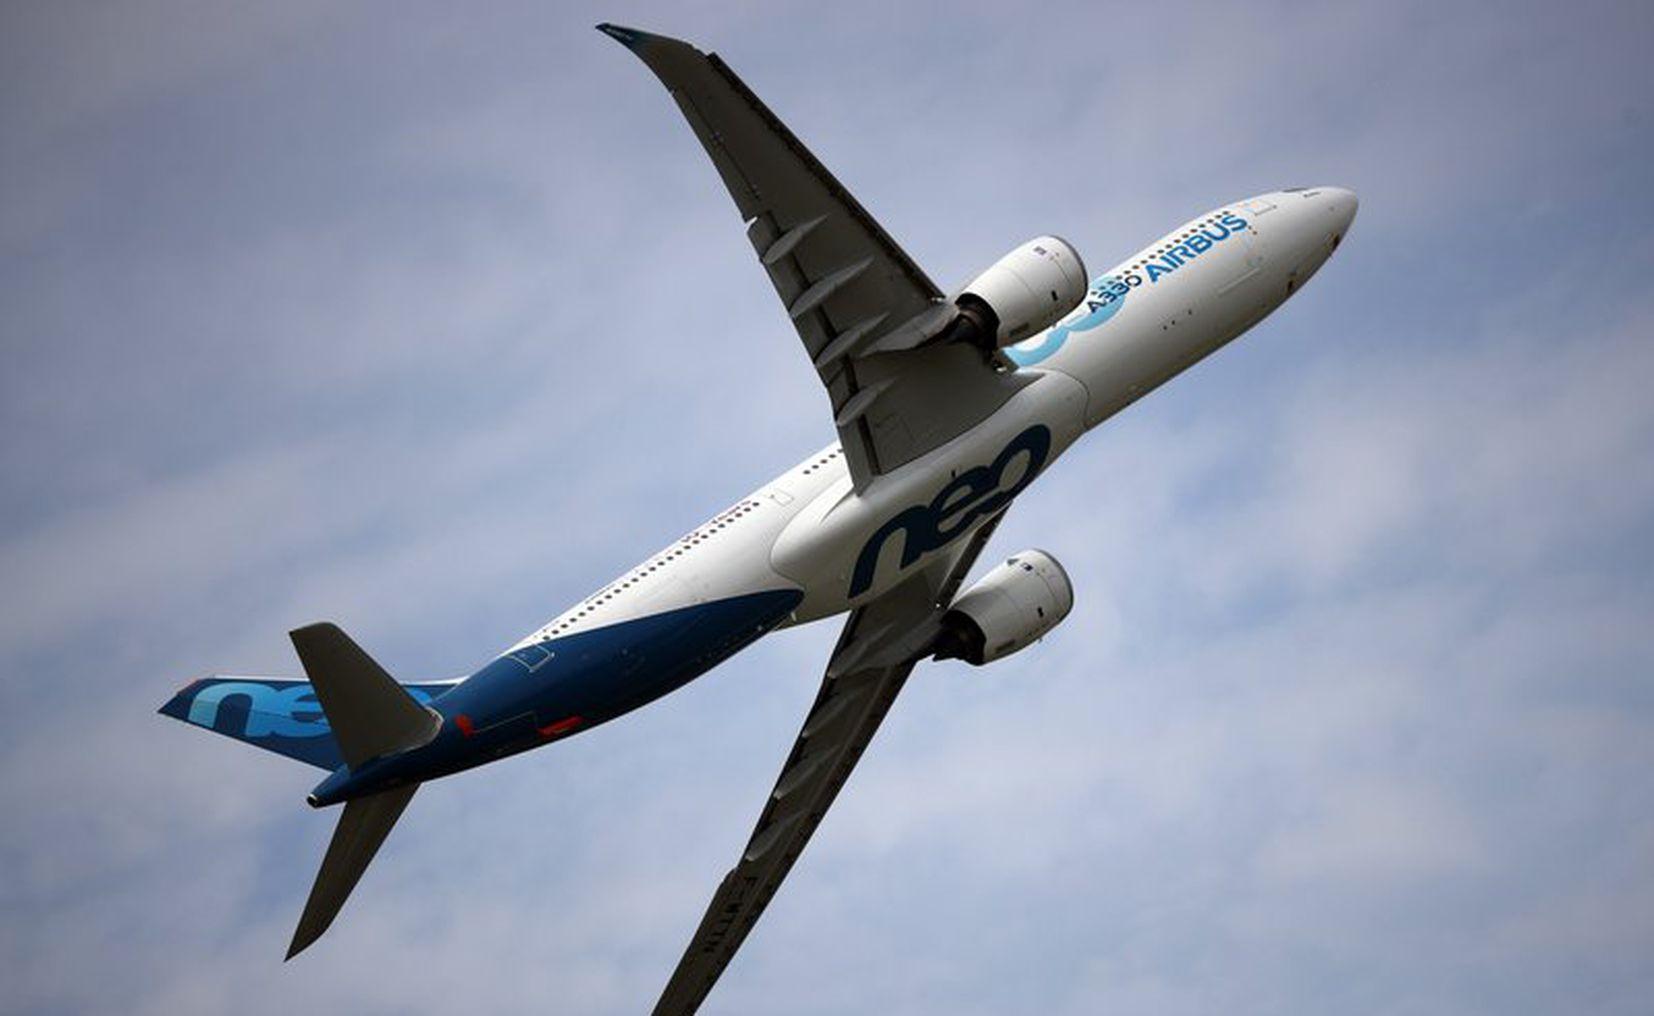 Francia prevé 15.000 millones de euros para sostener el sector aeronáutico